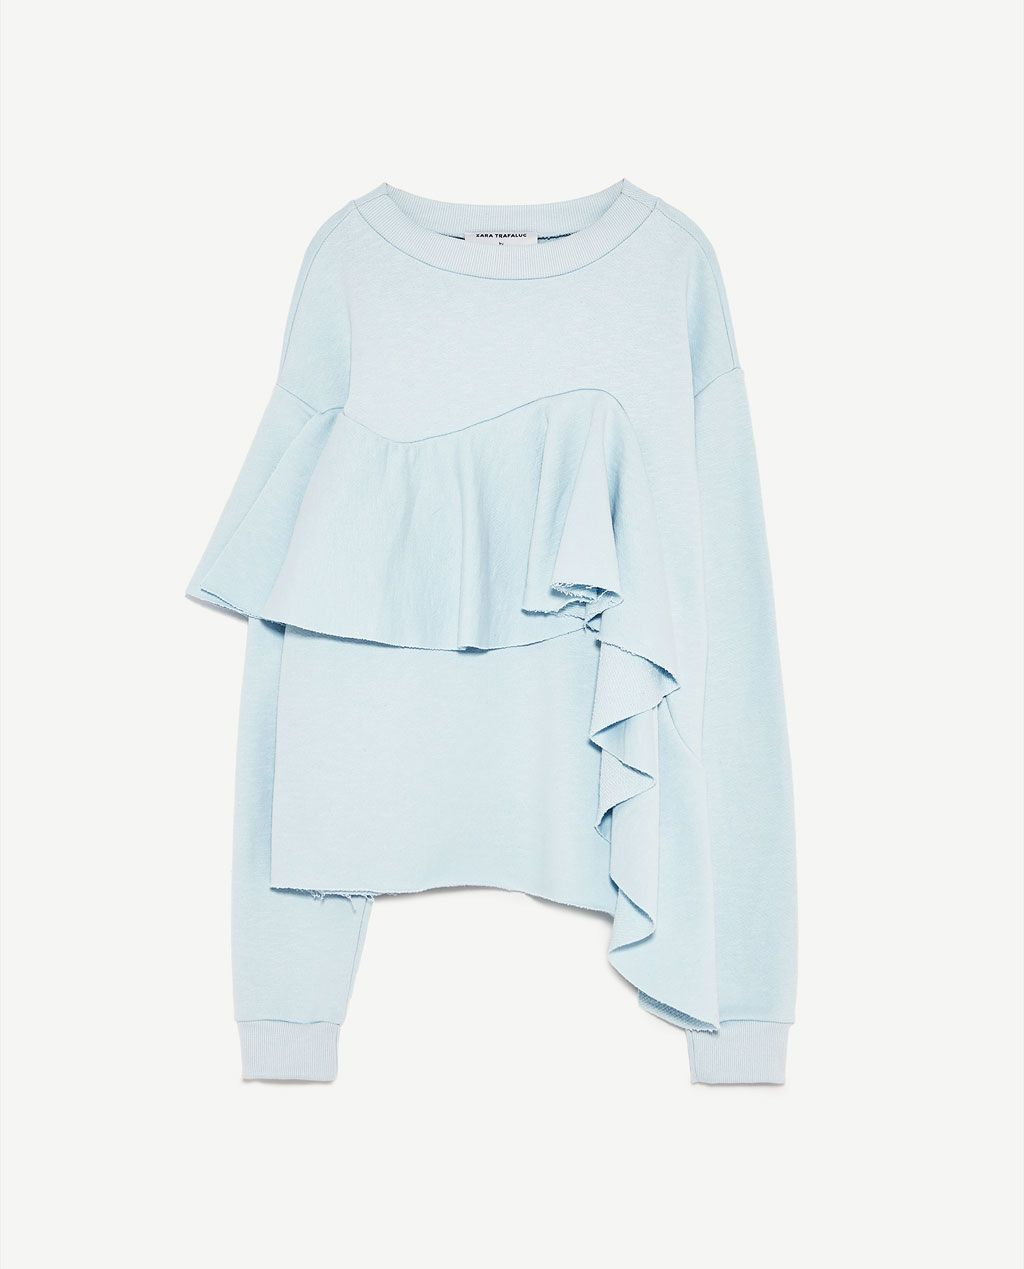 Zdjęcie 8 BLUZA Z FALBANKĄ z Zara  Desain blus, Gaya model